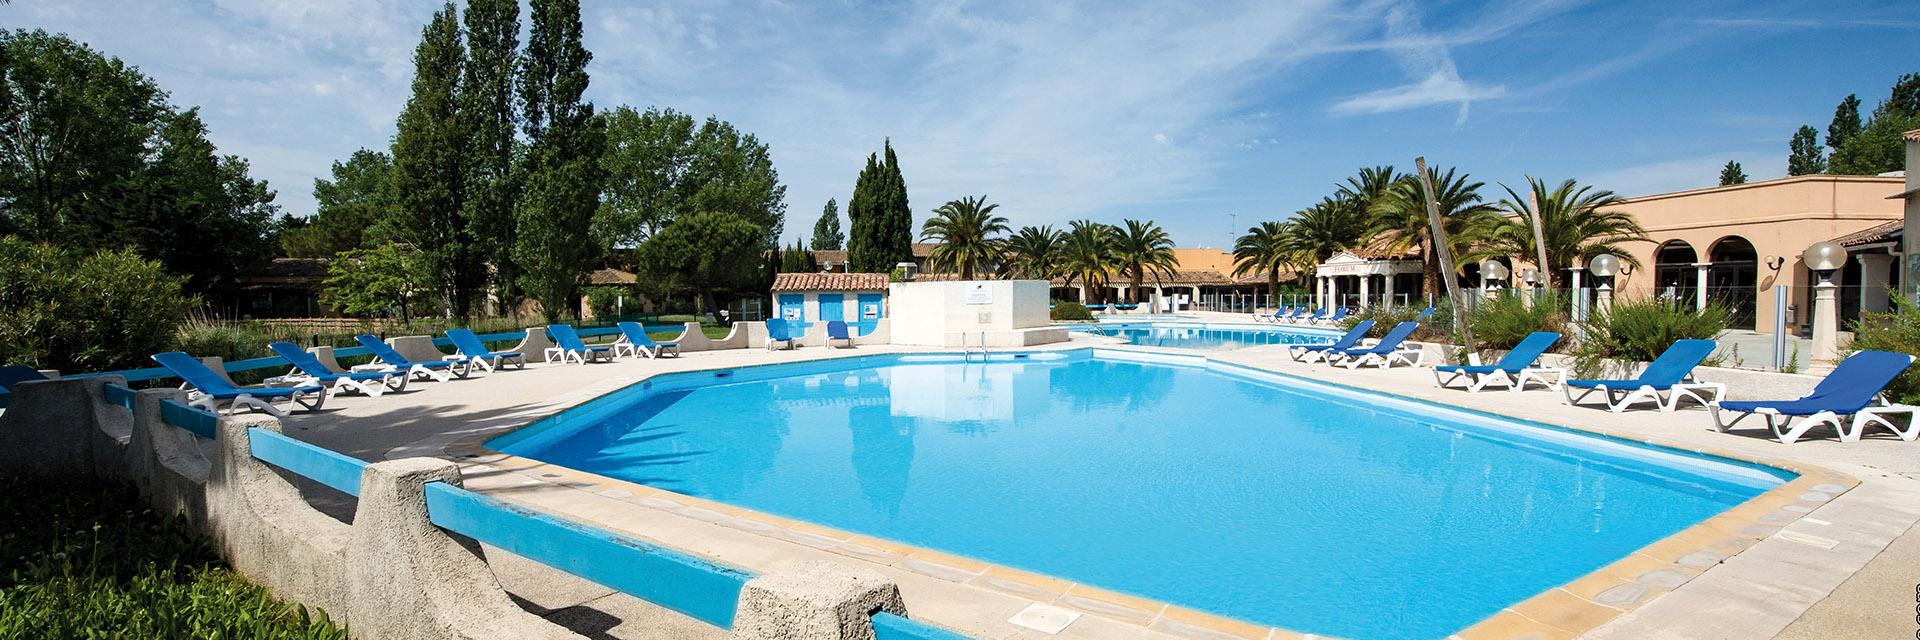 piscine-hameaux-camargue